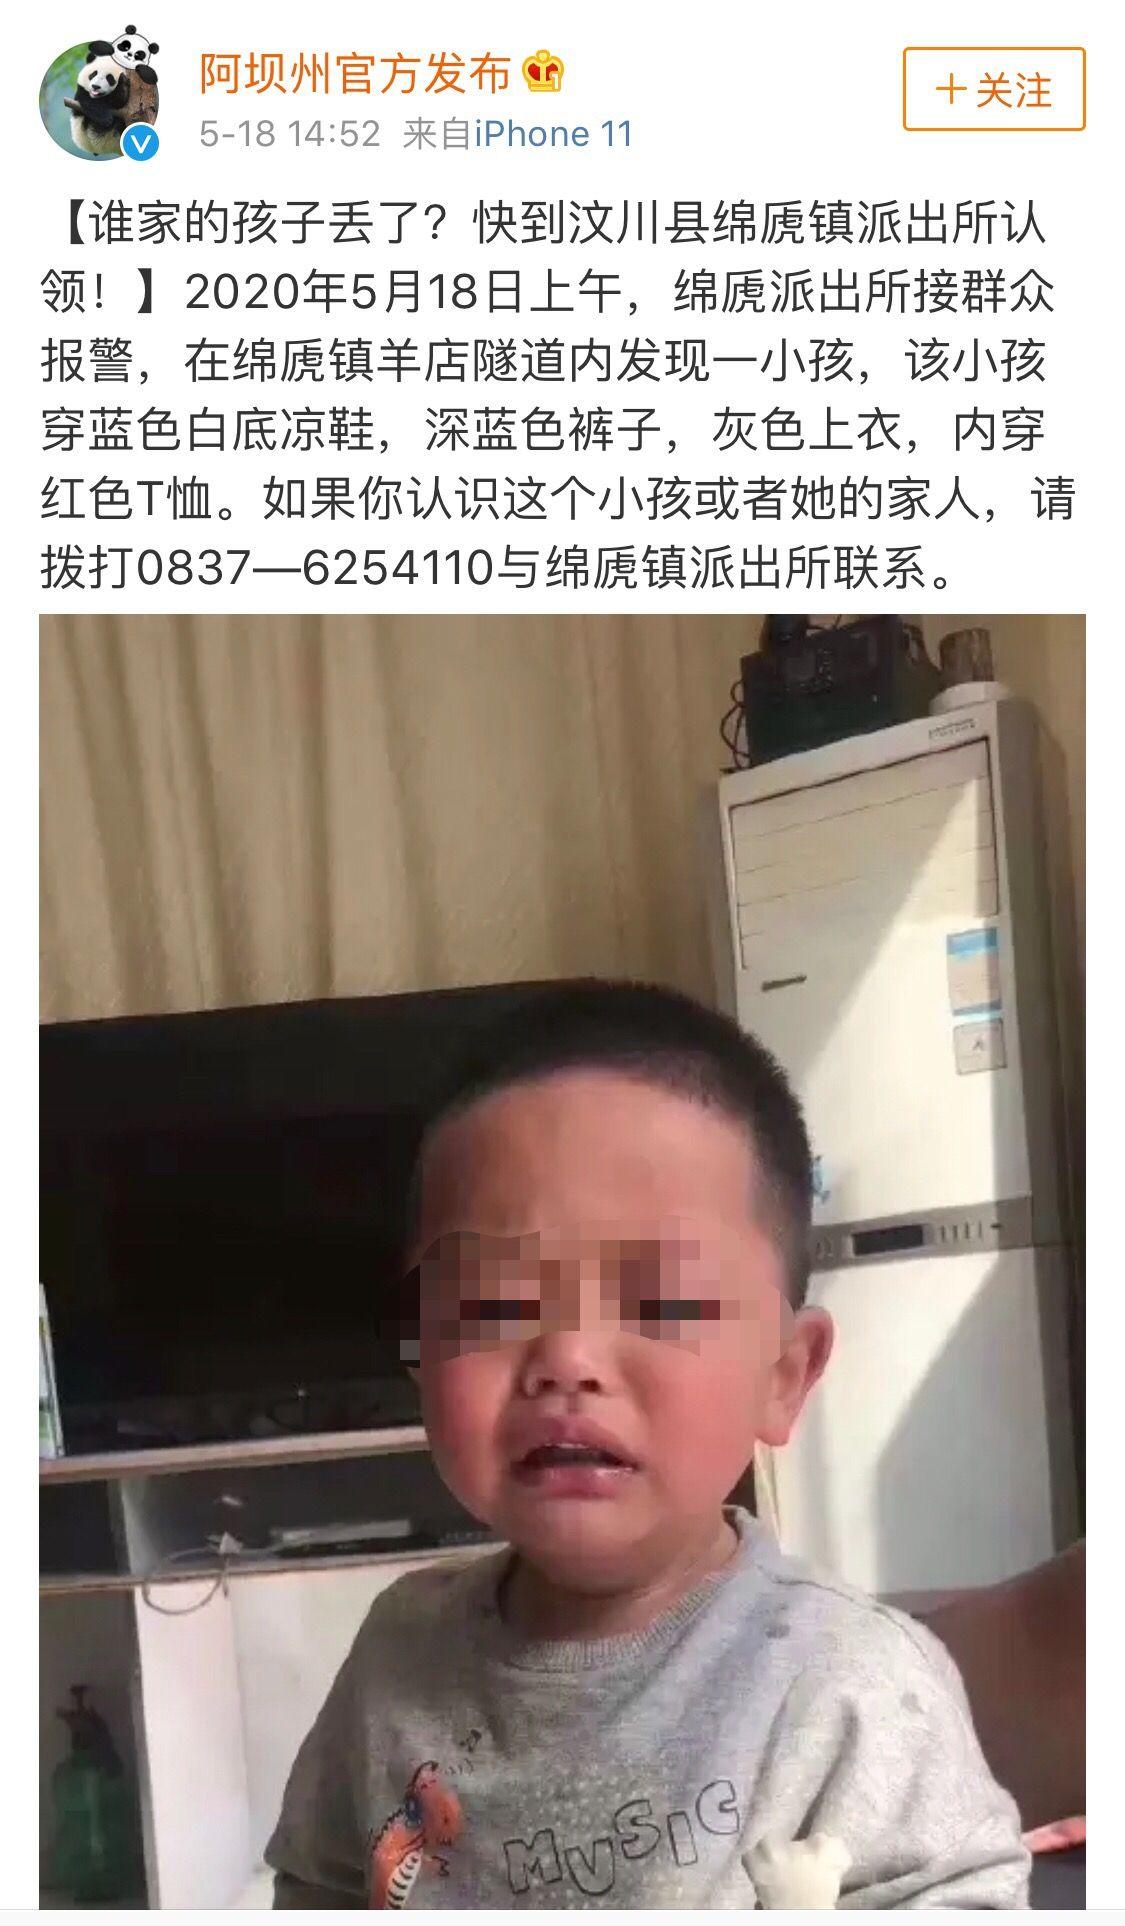 四川2岁男童独自出现在隧道 警方:已找到父母调查情况